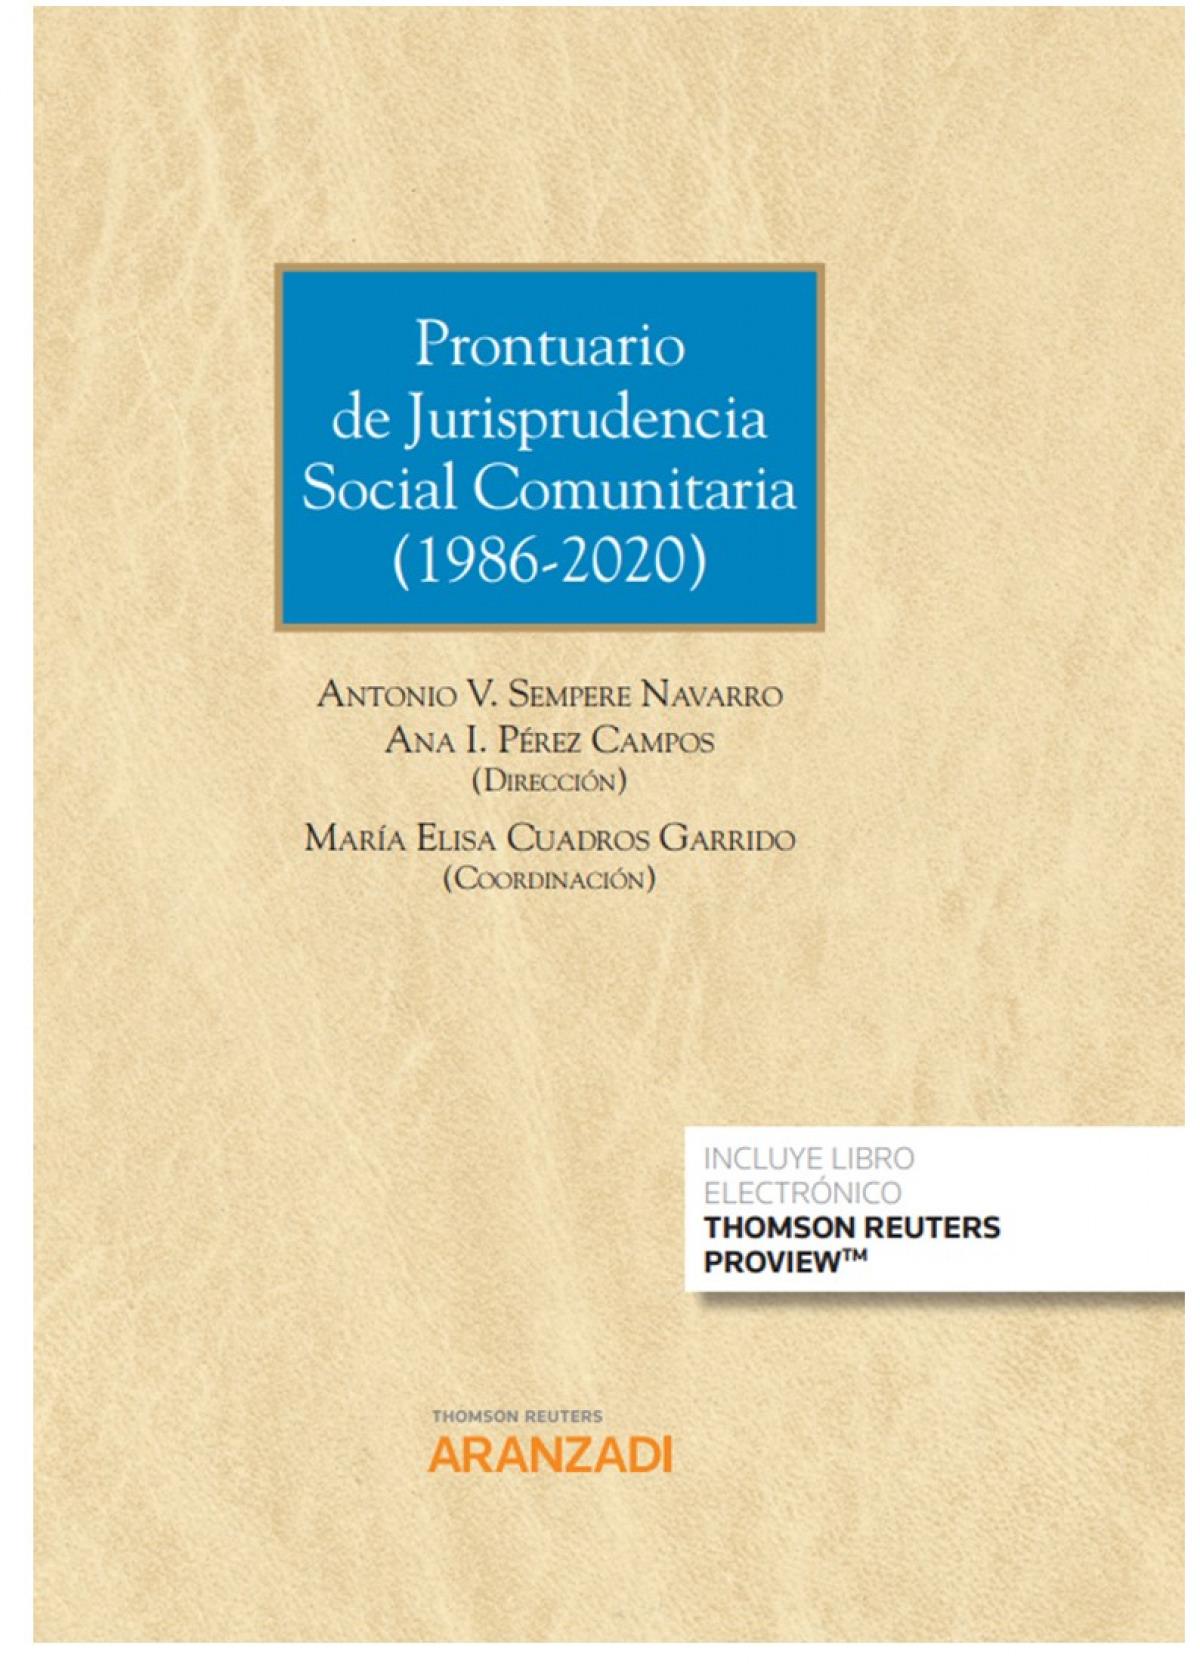 PRONTUARIO DE JURISPRUDENCIA SOCIAL COMUNITARIA DUO 9788413455204